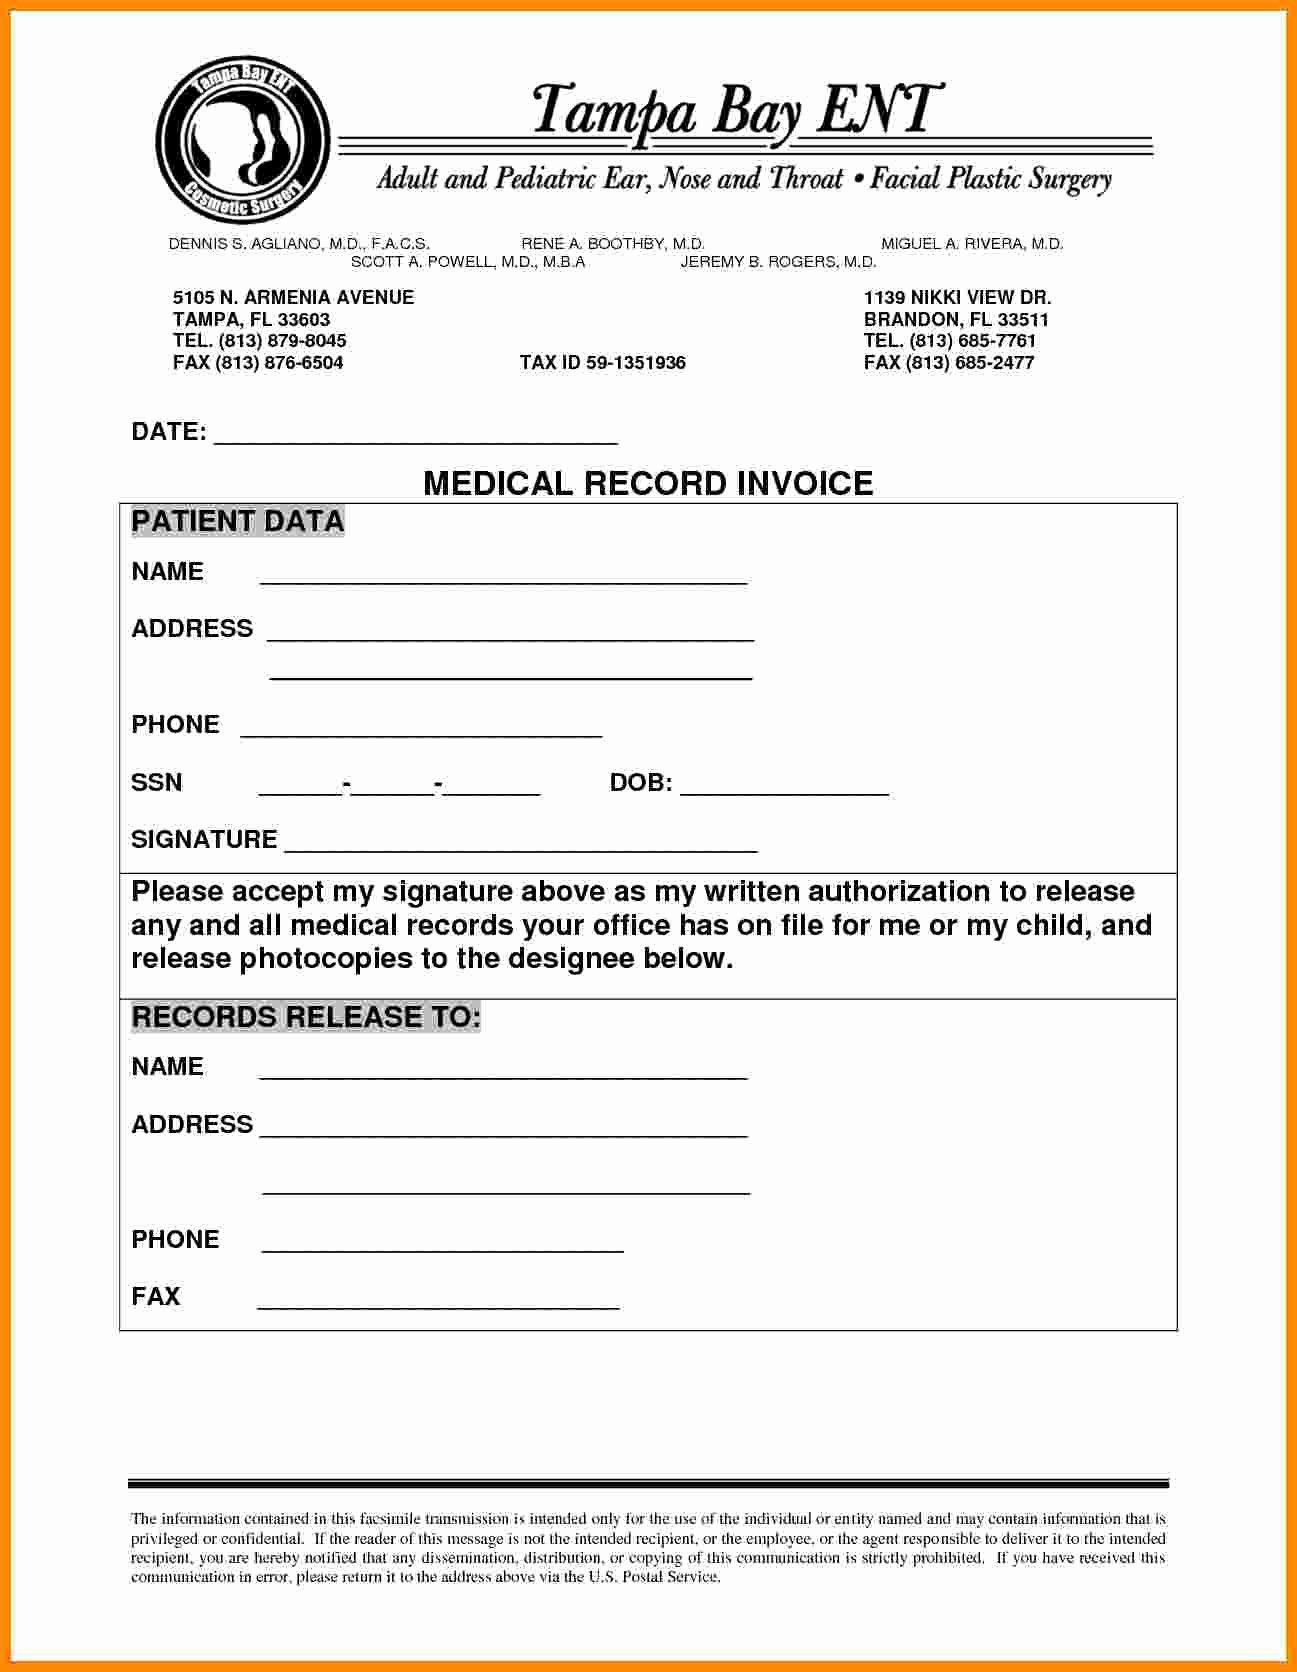 Medical Records Invoice Template Unique 4 Medical Records Invoice